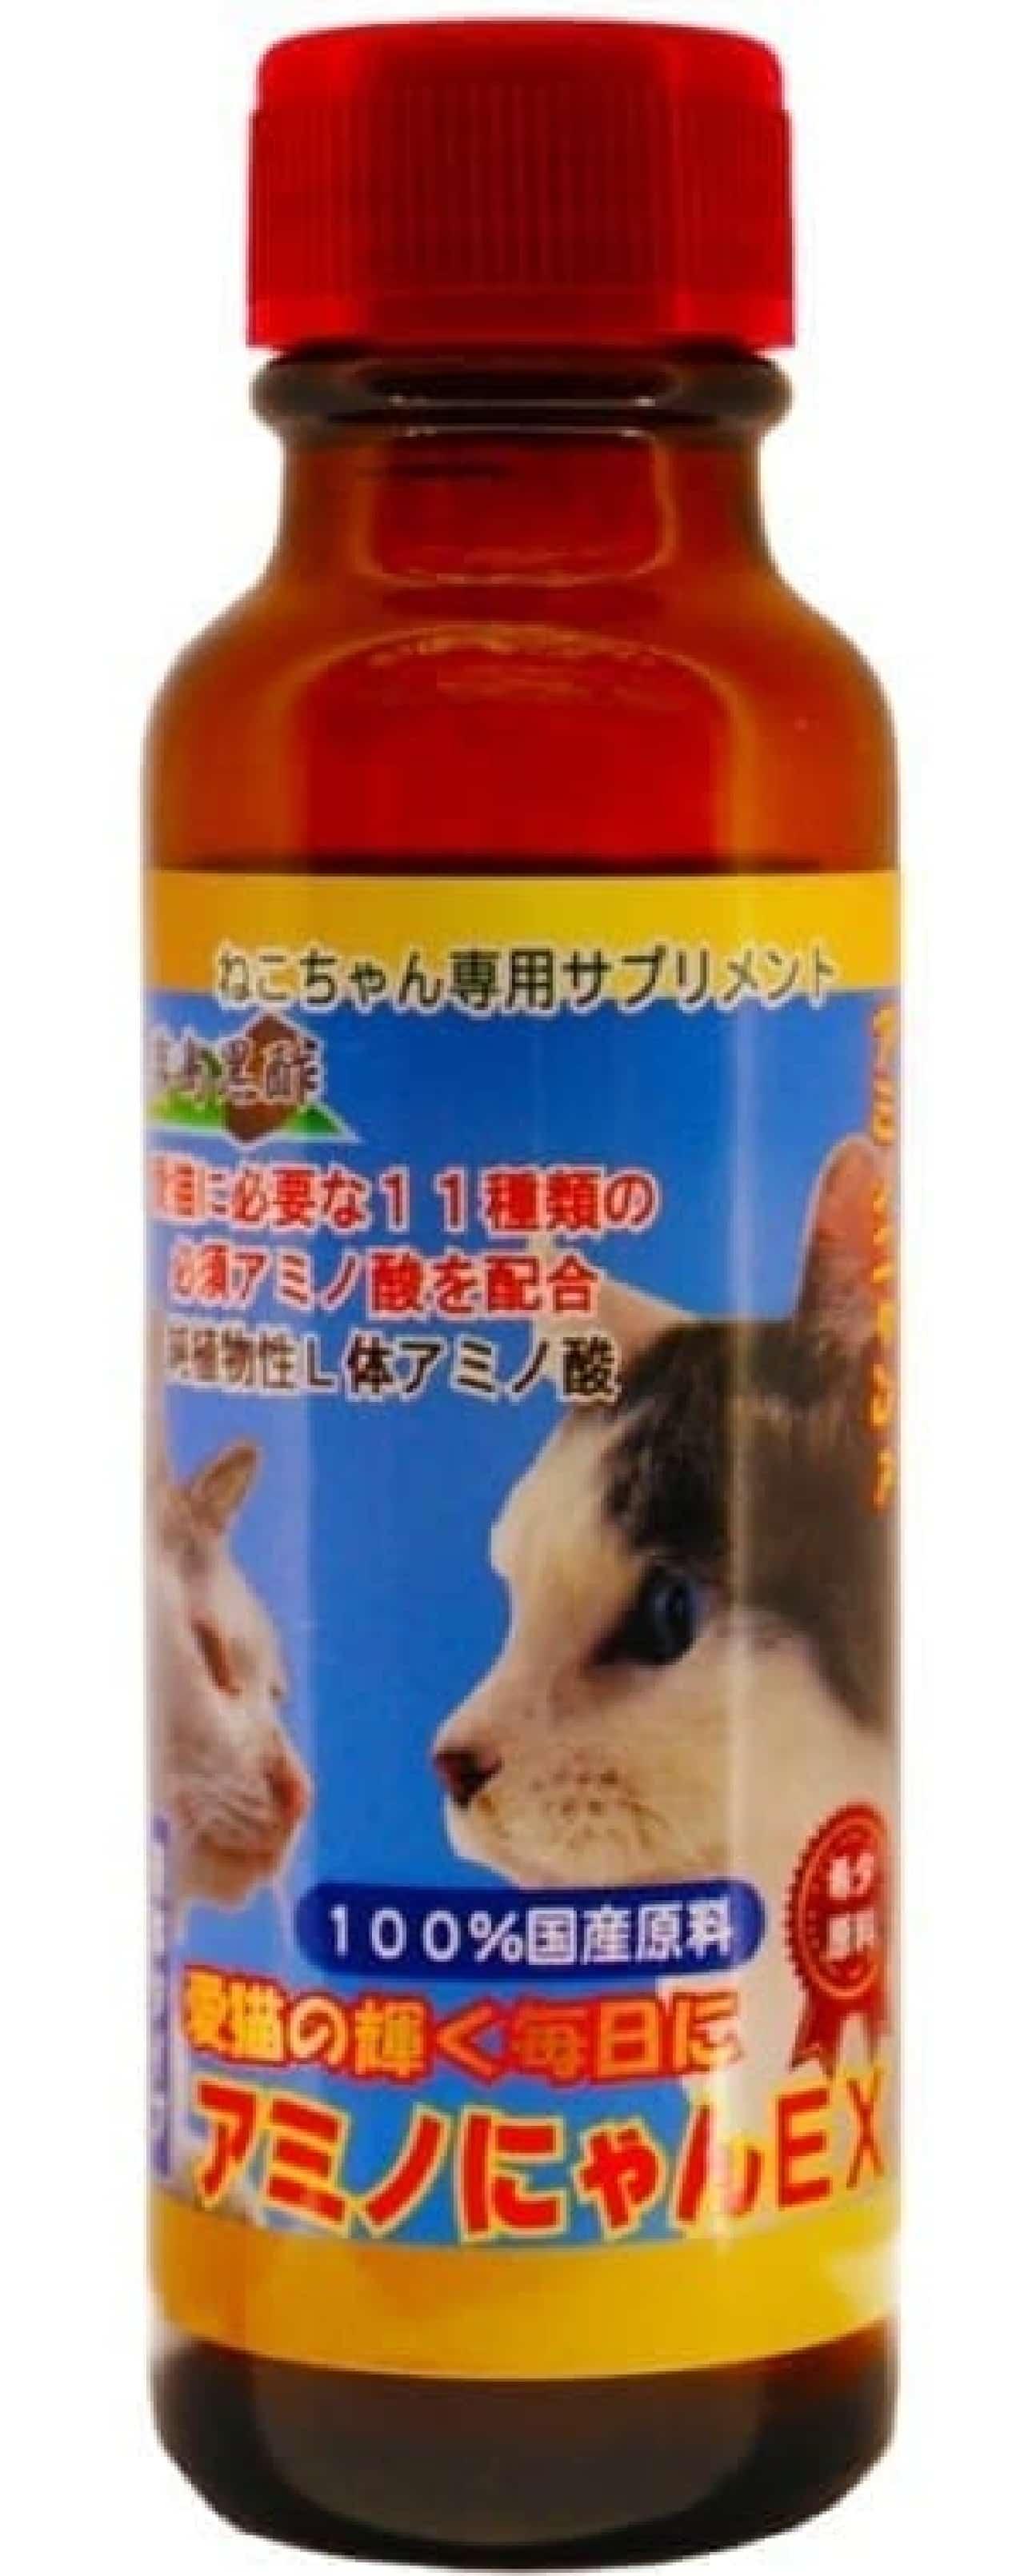 ネコに必要な11種類の必須アミノ酸を含む 「アミノにゃんEX」